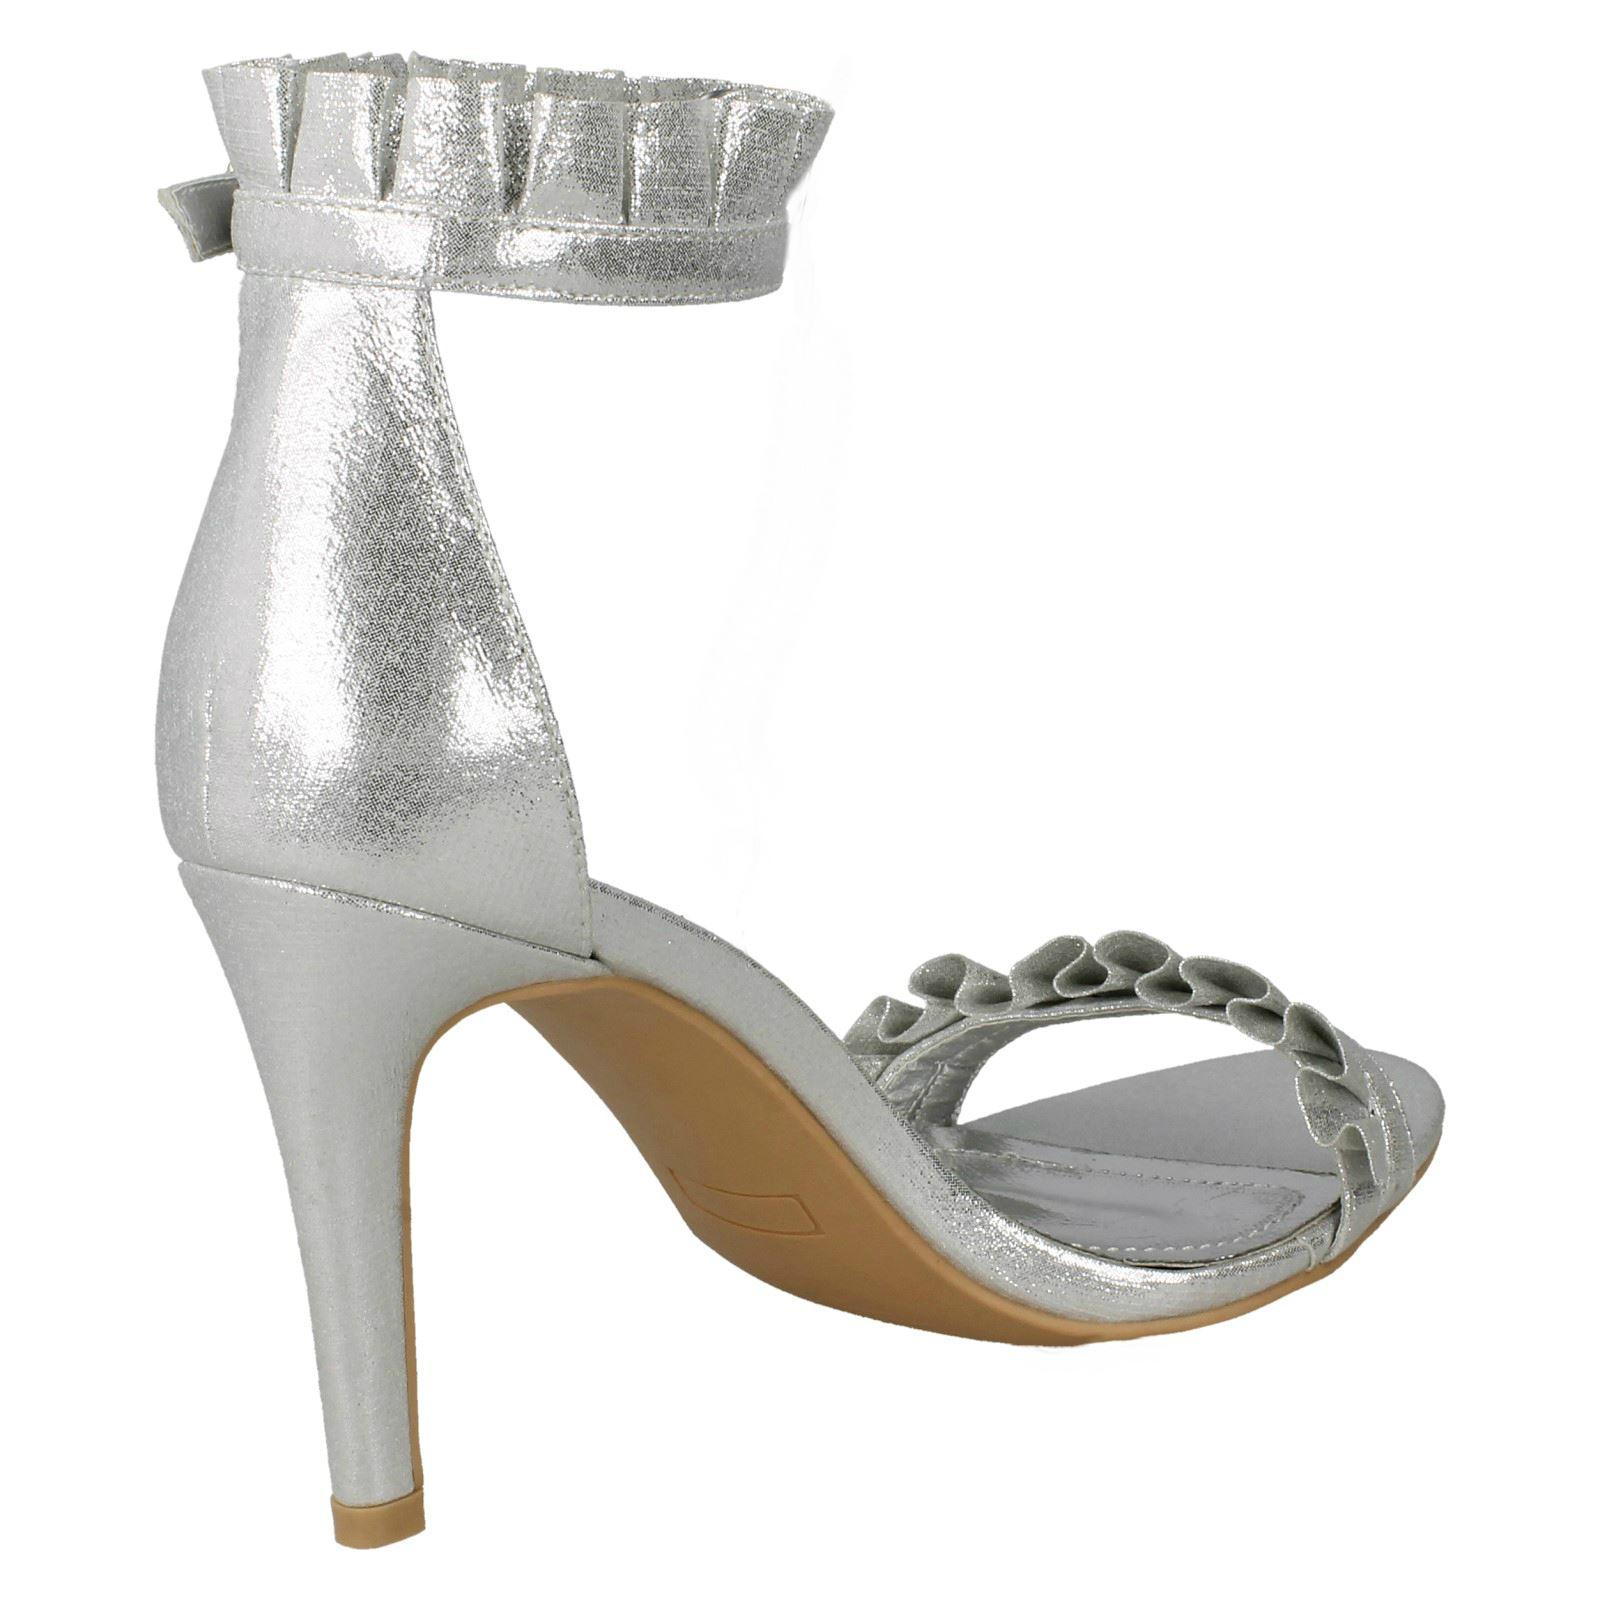 Damen 3418 Hartzinn Knöchelriemen Sandalen von Anne Michelle Verkaufspreis